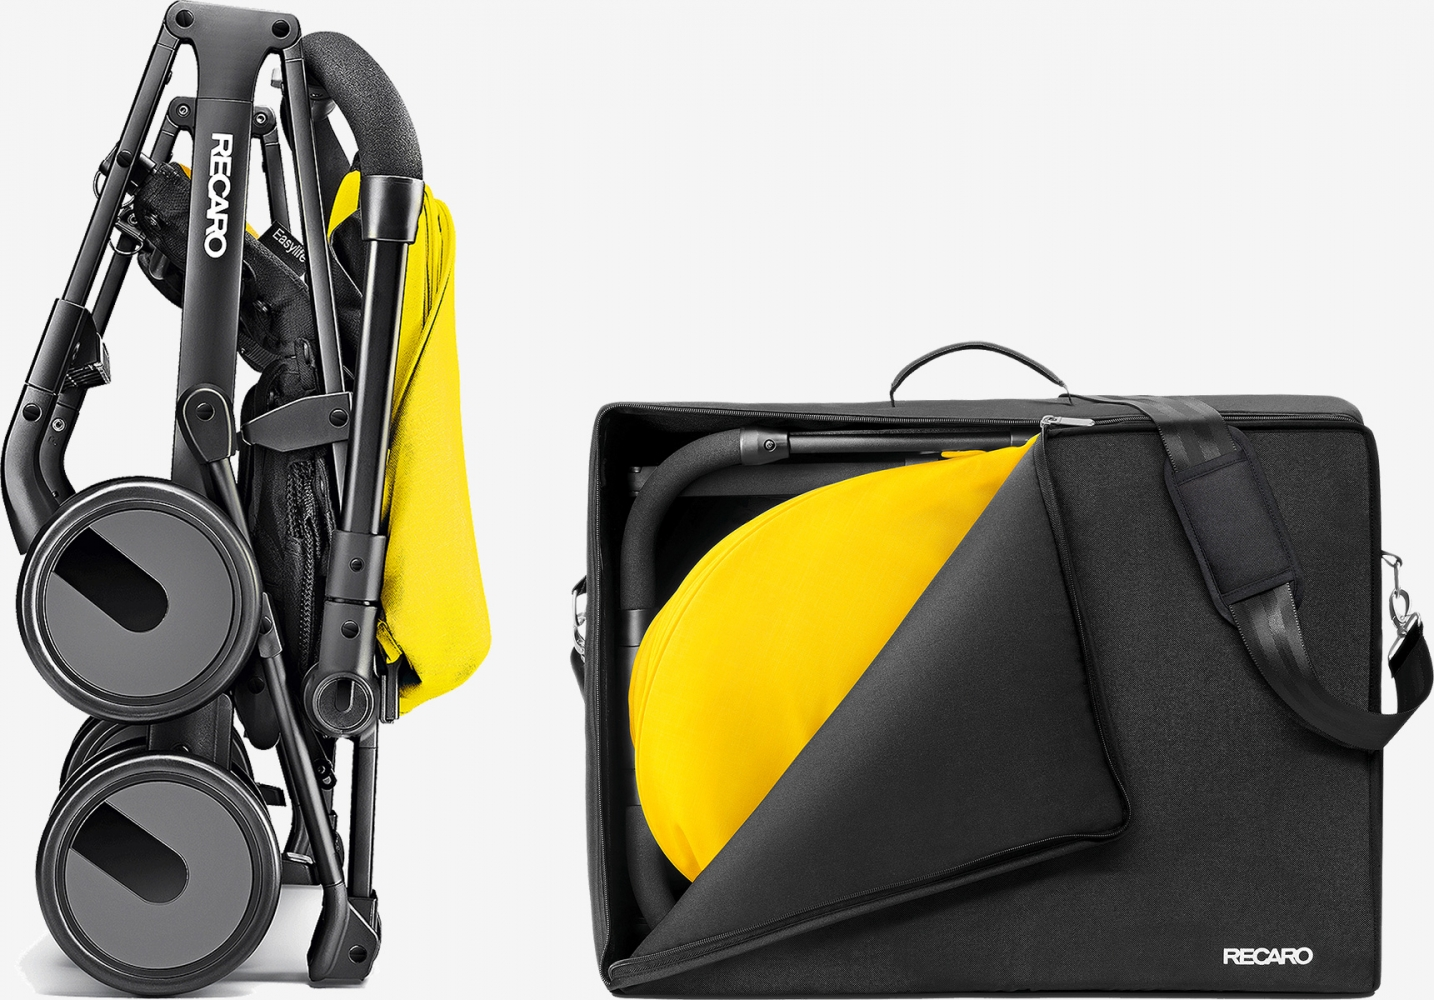 Recaro Easylife Travel Bag